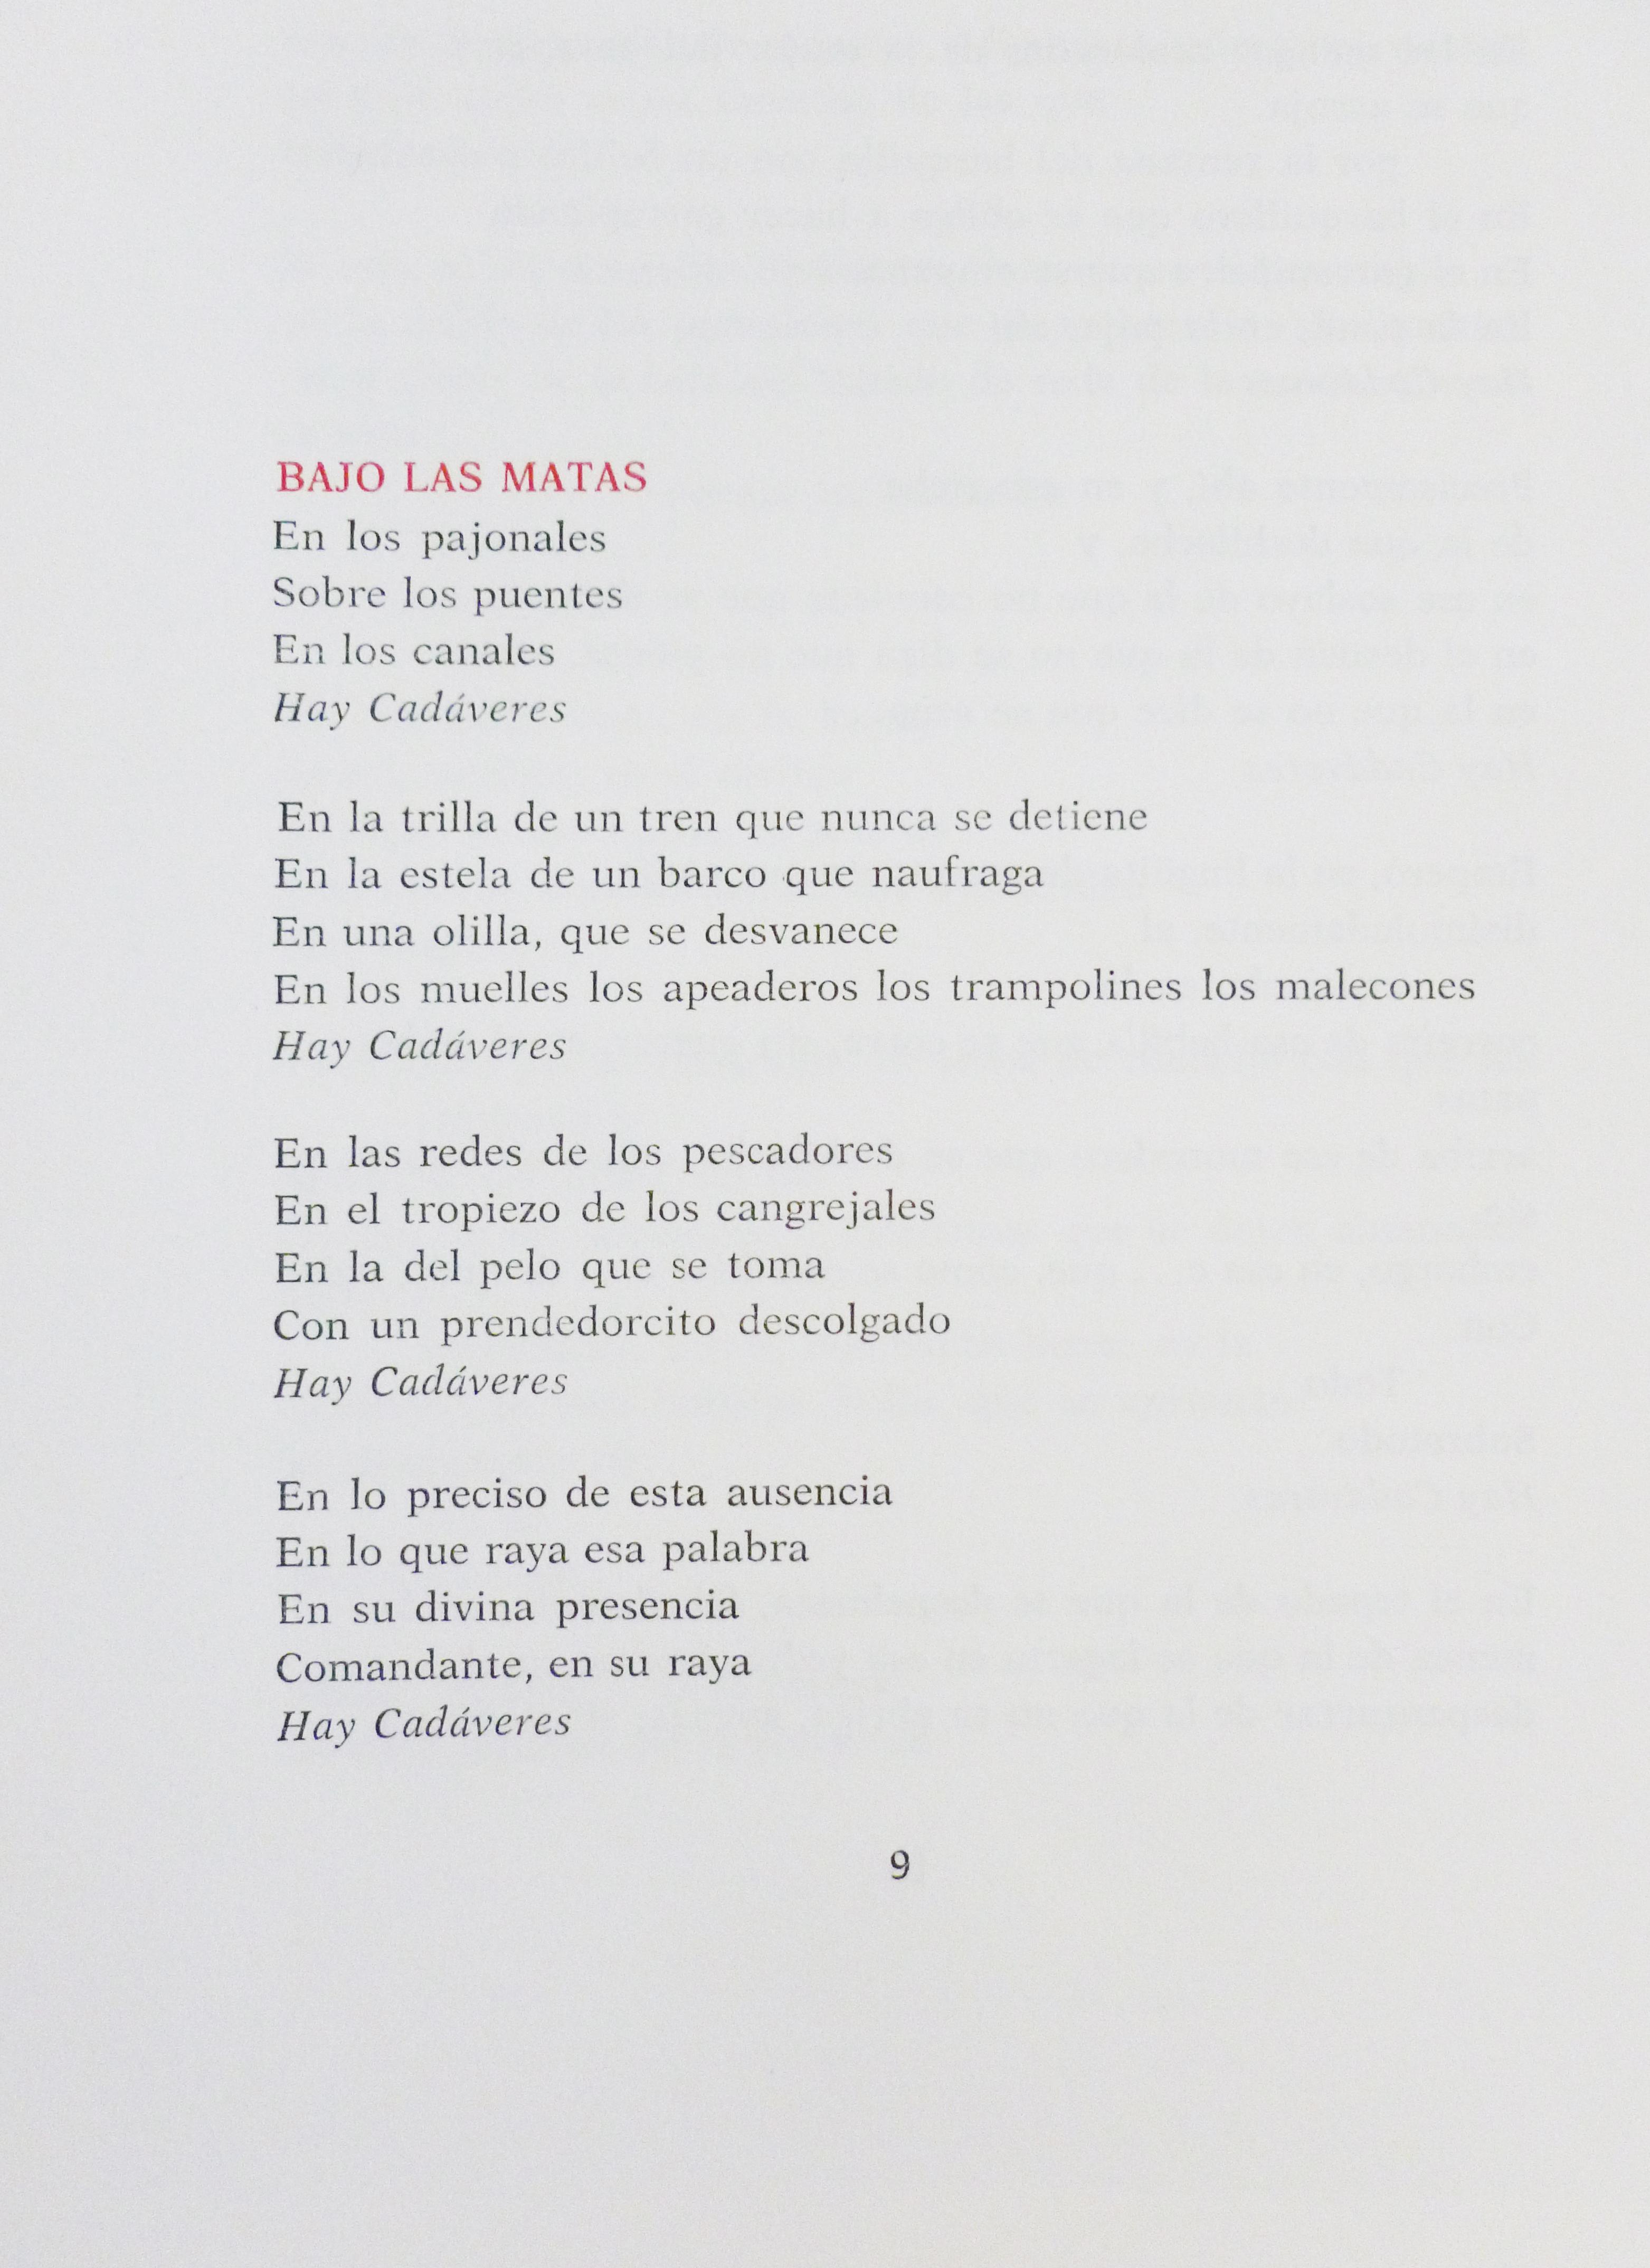 Página con inicio del poema